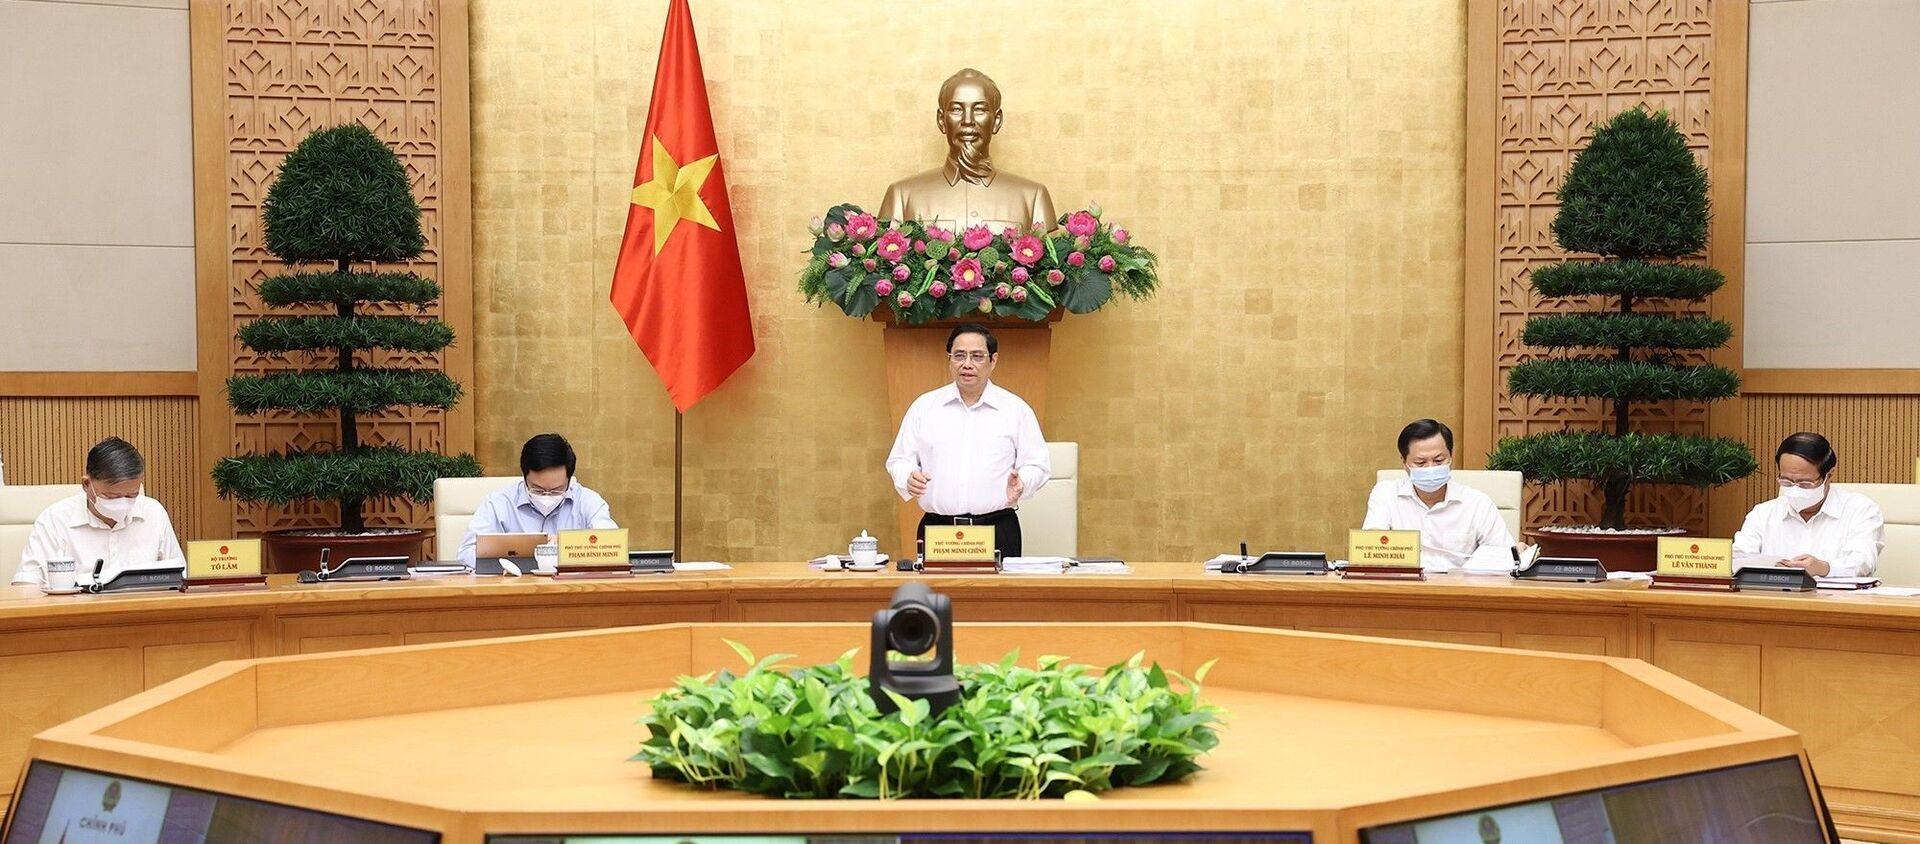 Thủ tướng Phạm Minh Chính chủ trì phiên họp - Sputnik Việt Nam, 1920, 07.09.2021